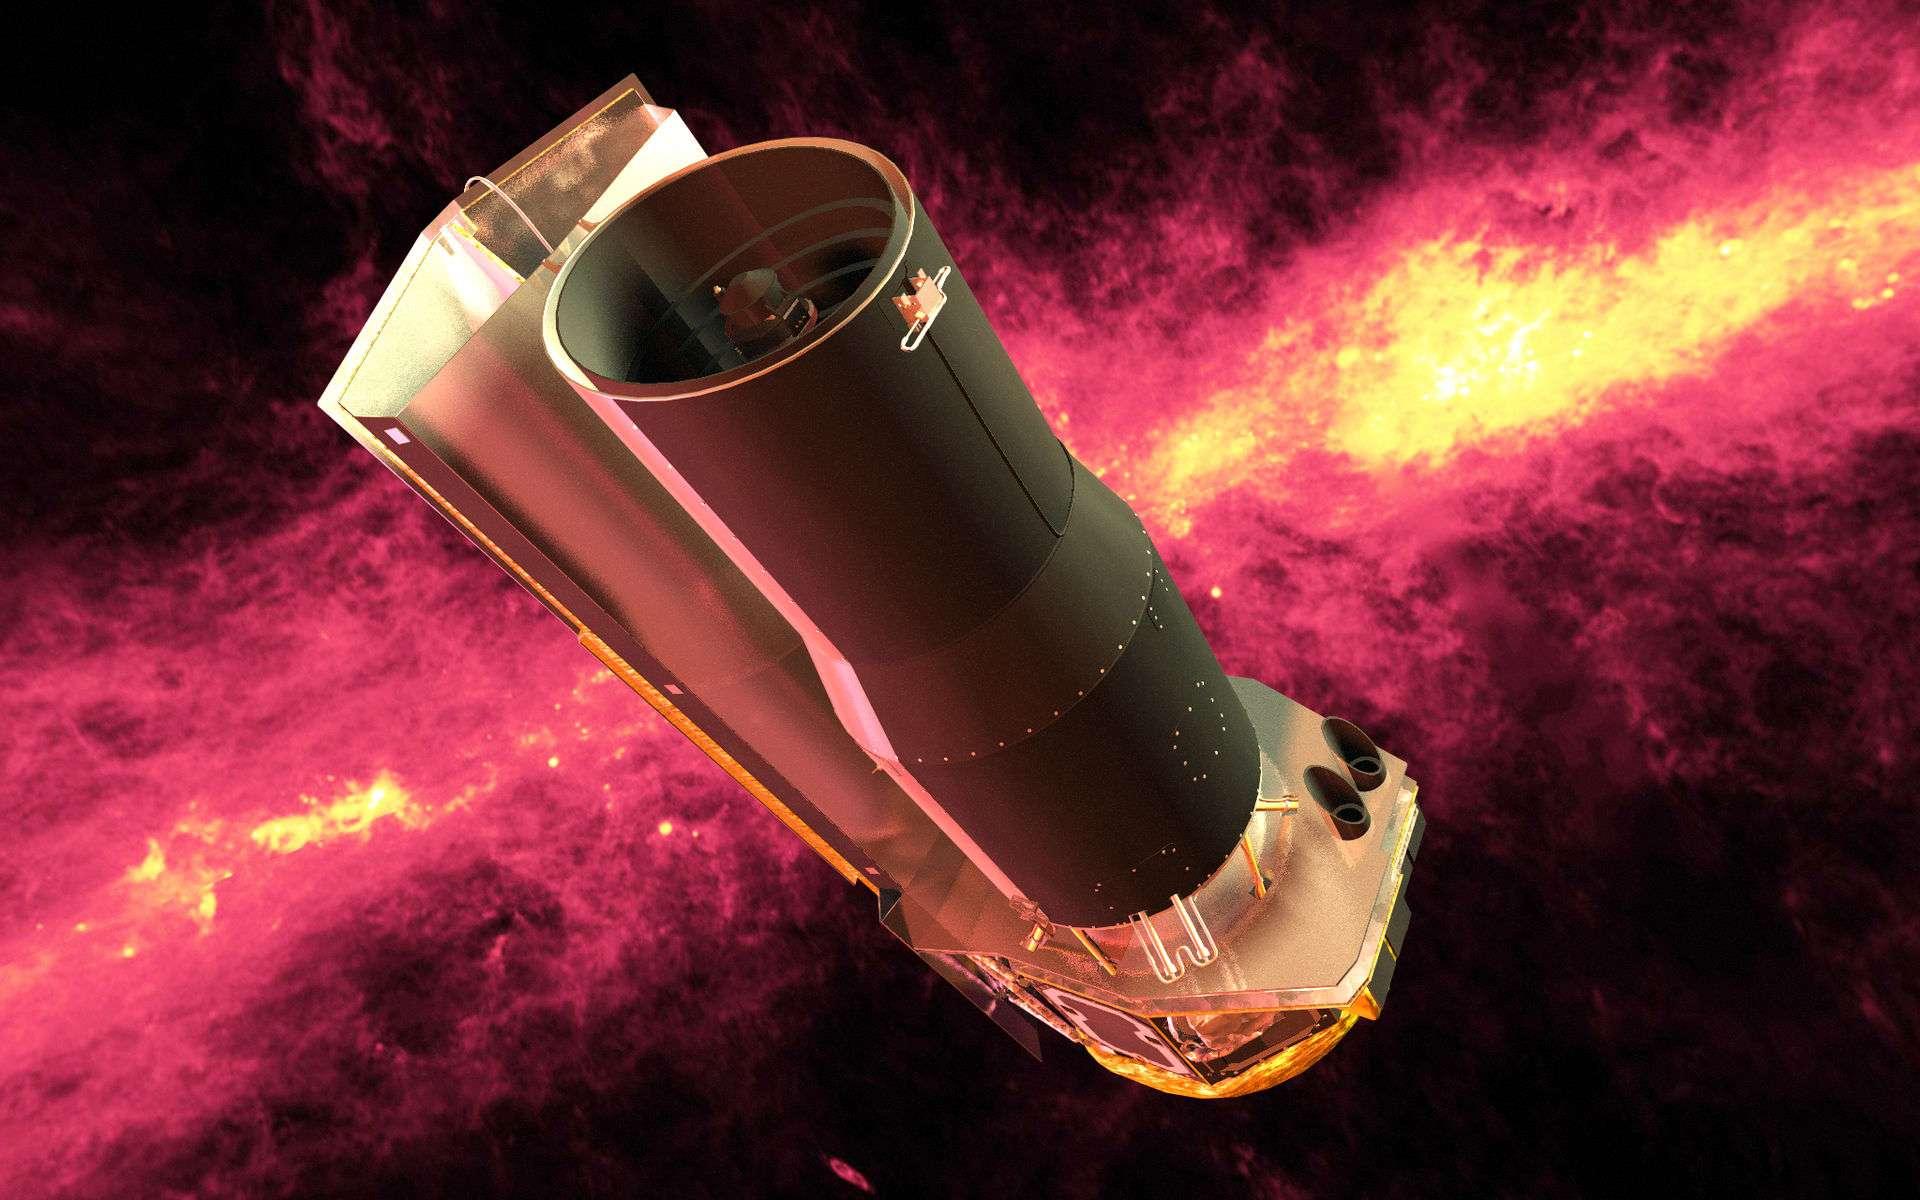 Le télescope spatial Spitzer porte des instruments sensibles aux infrarouges mis en orbite par la Nasa en 2003. Depuis 2009, à bout d'helium liquide (nécessaire au refroidissement), seuls deux instruments sont encore fonctionnels. © Nasa